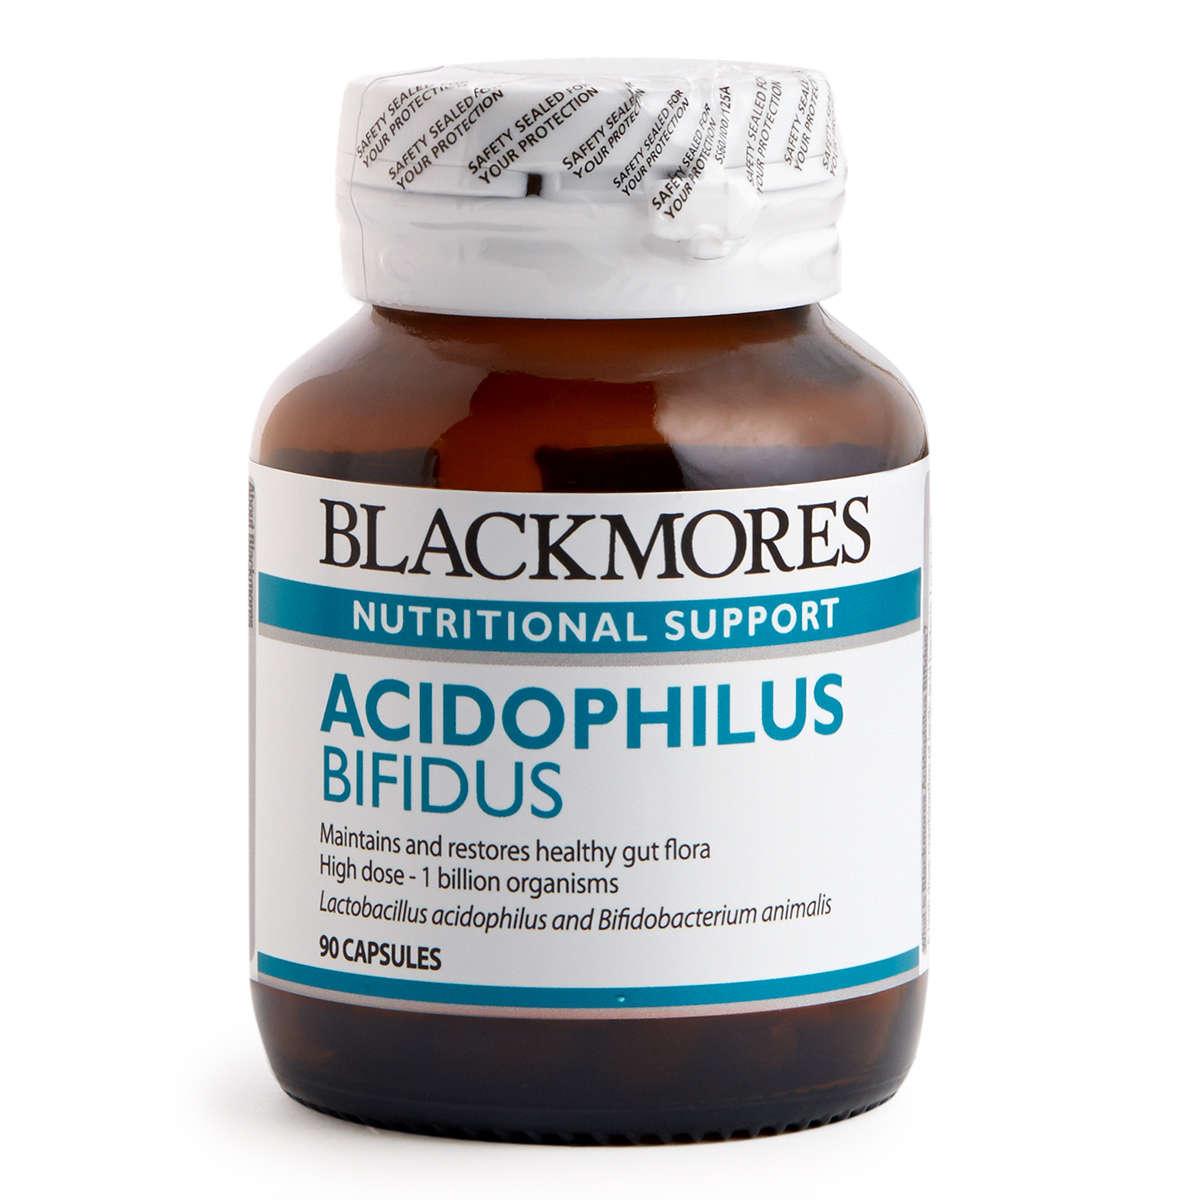 Acidophilus Bifidus 90 Capsules